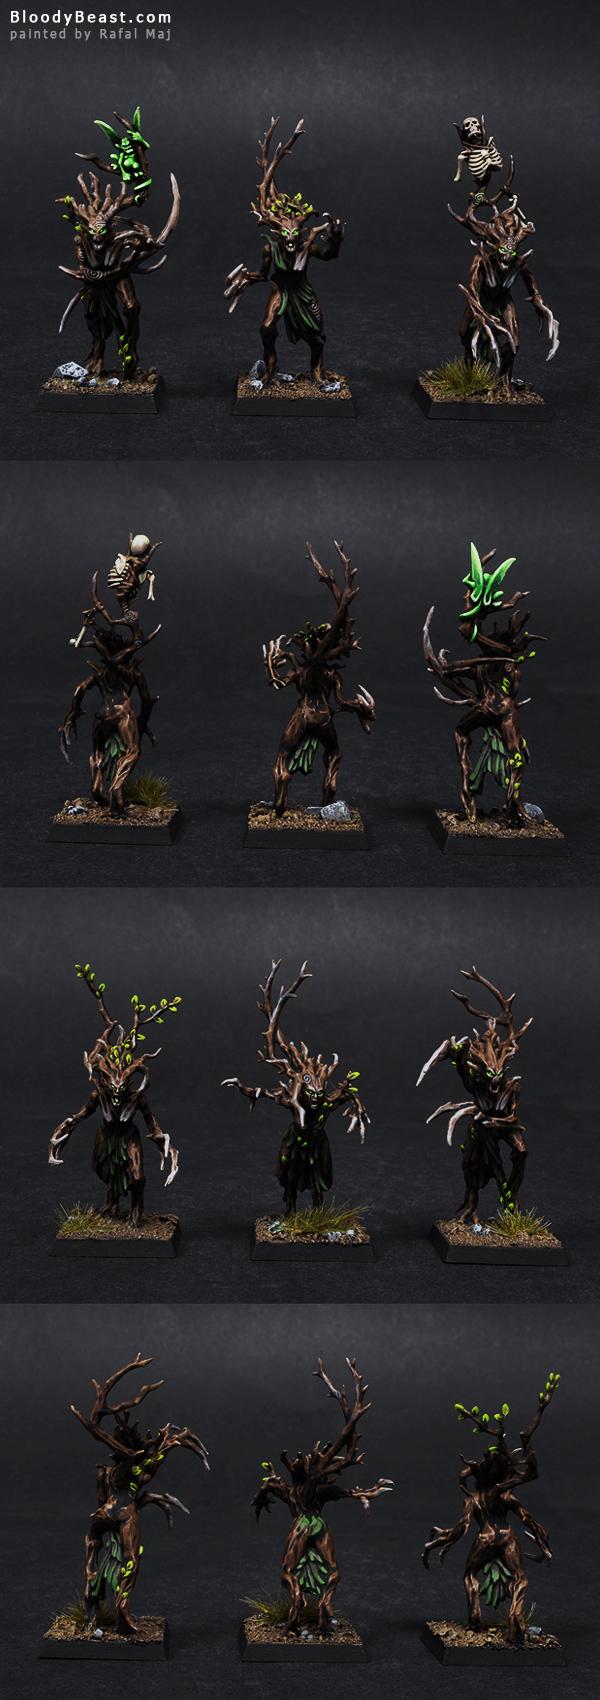 Wood Elf Dryads painted by Rafal Maj (BloodyBeast.com)